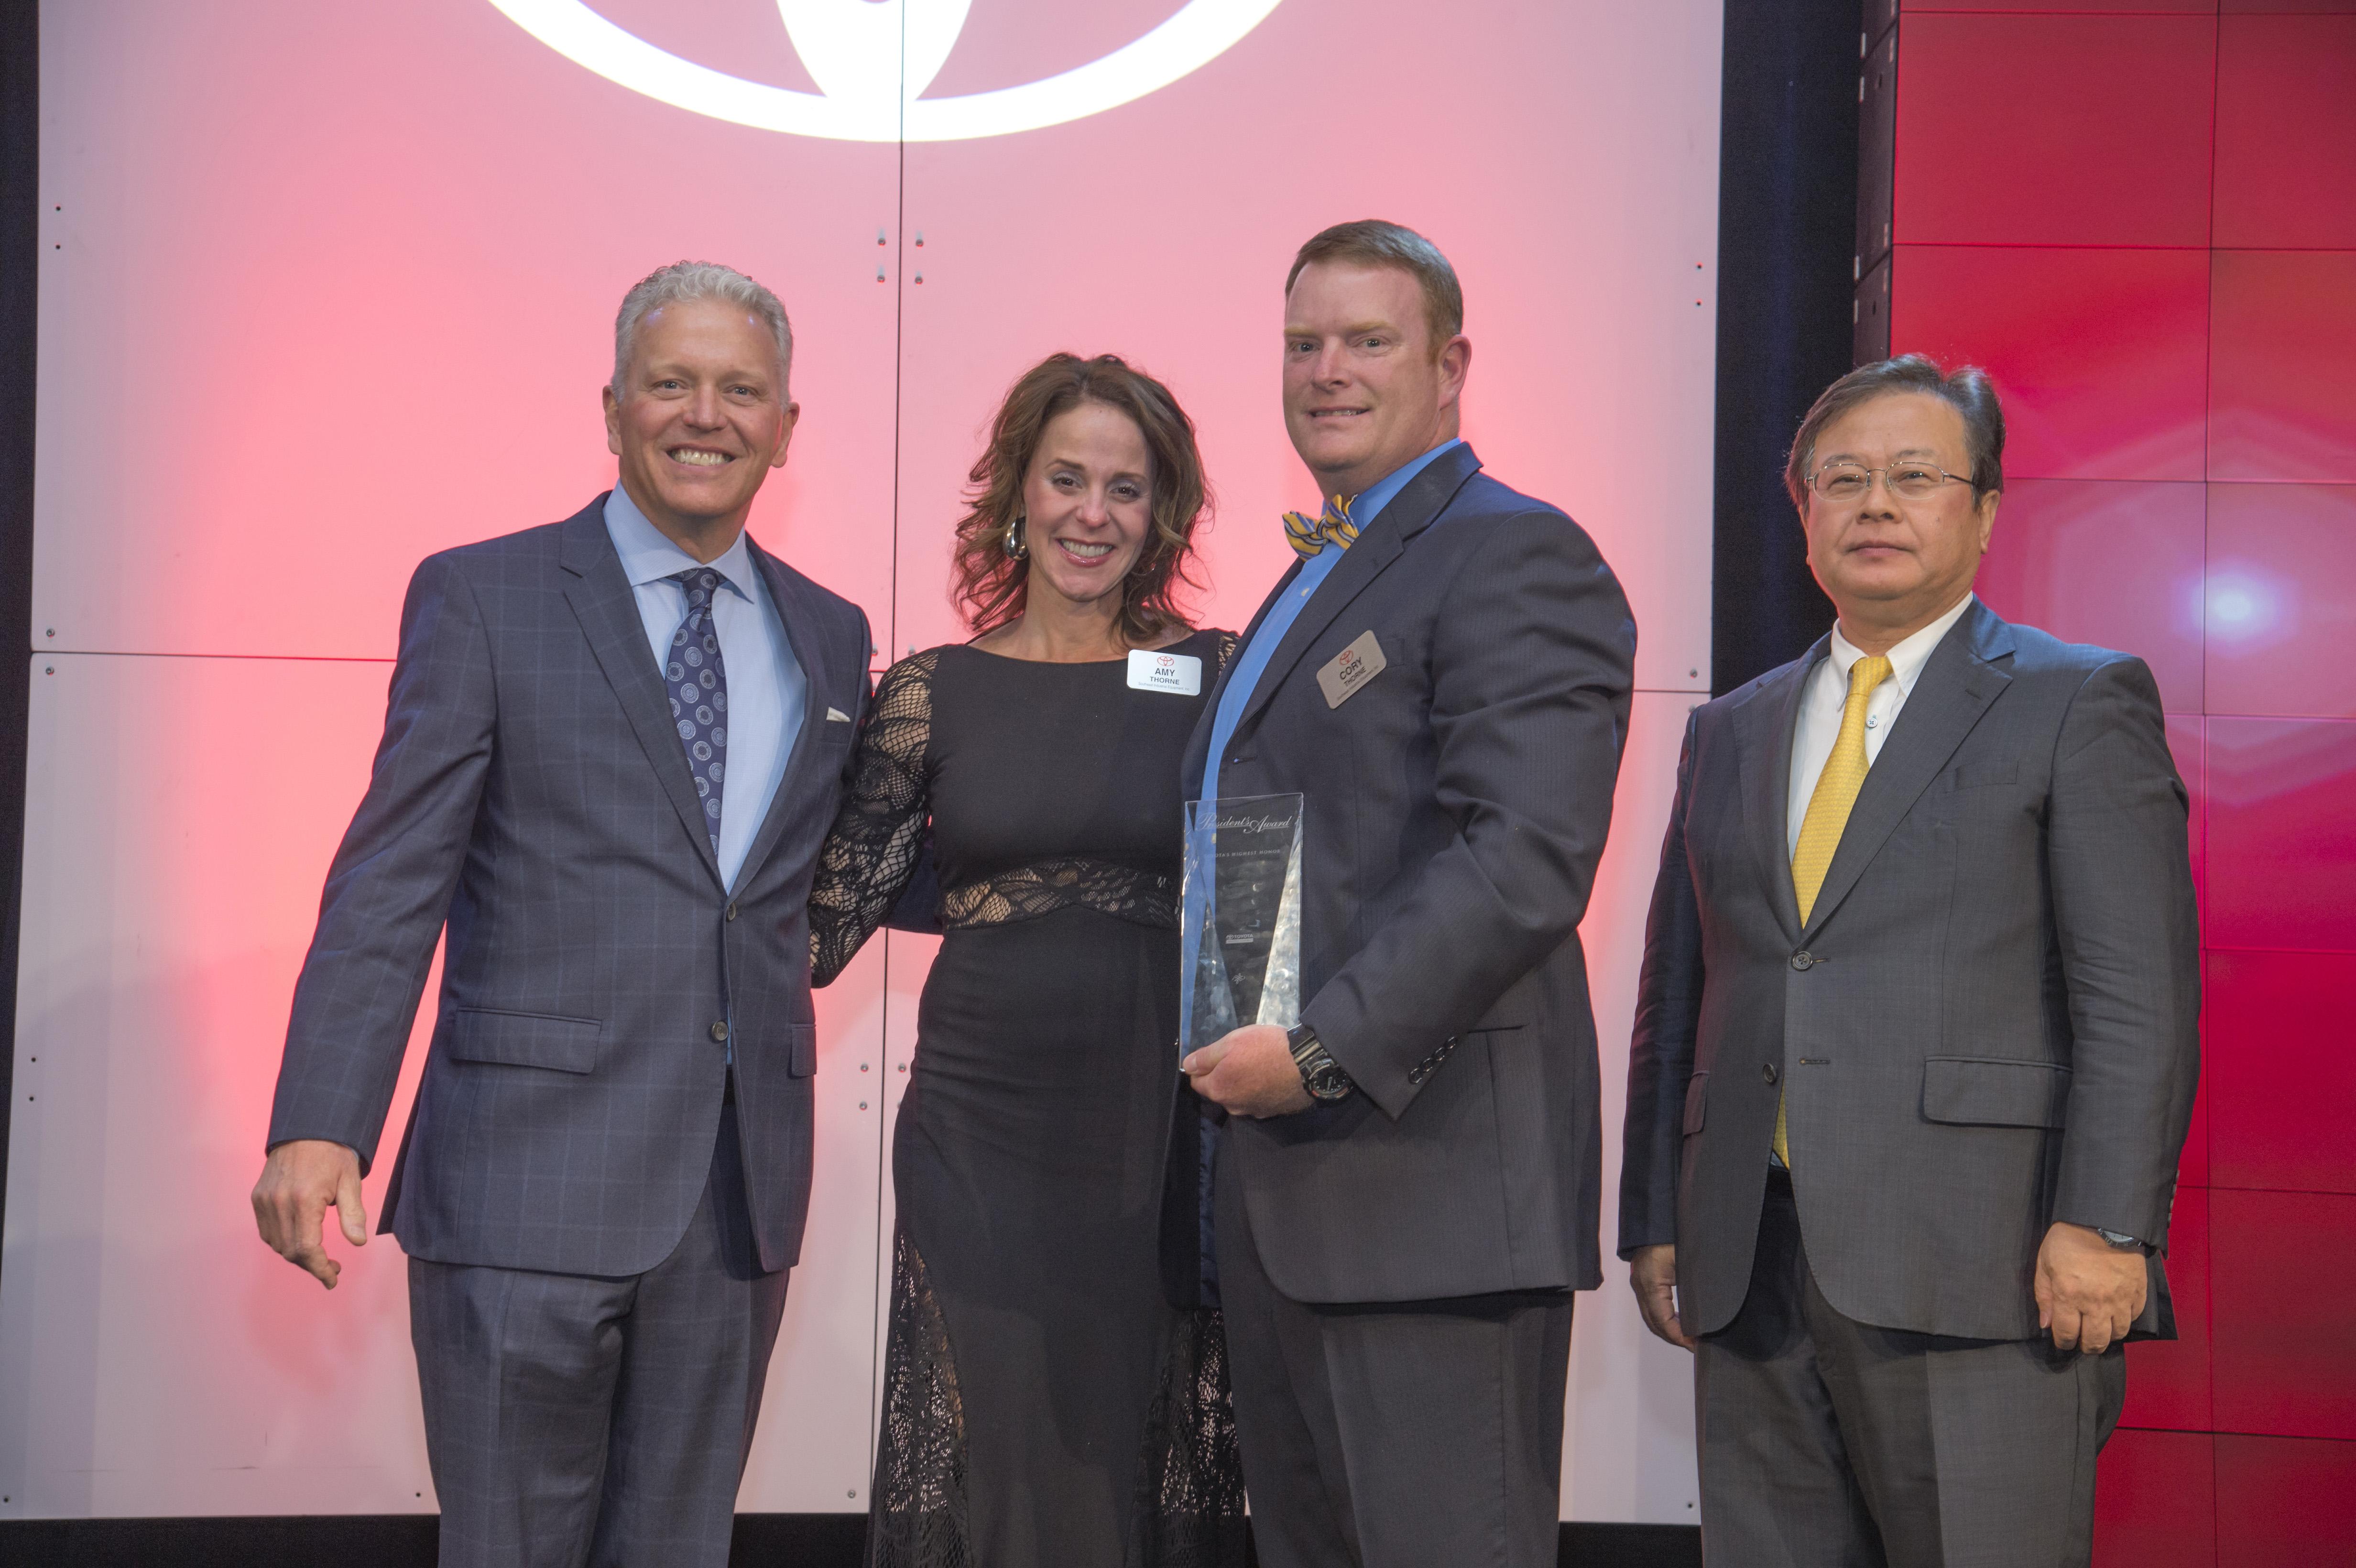 TIE 2016 President's Award